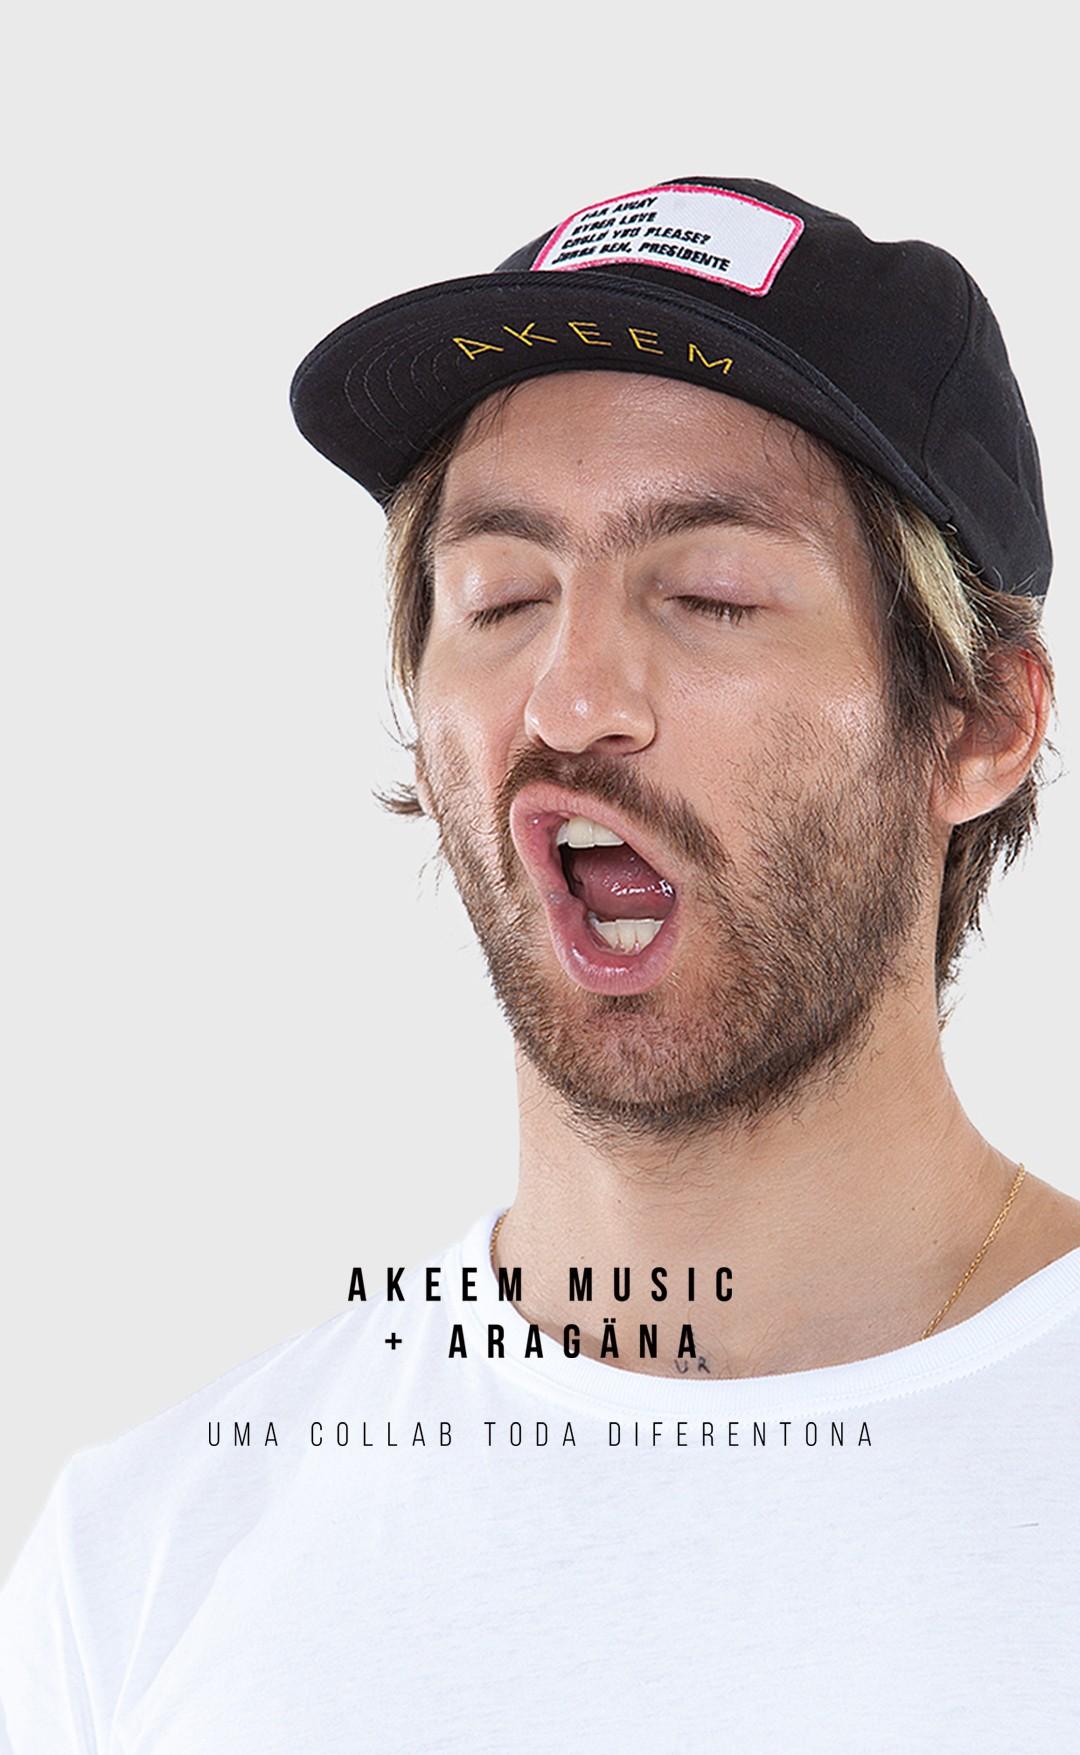 Collab Aragäna + Akeem